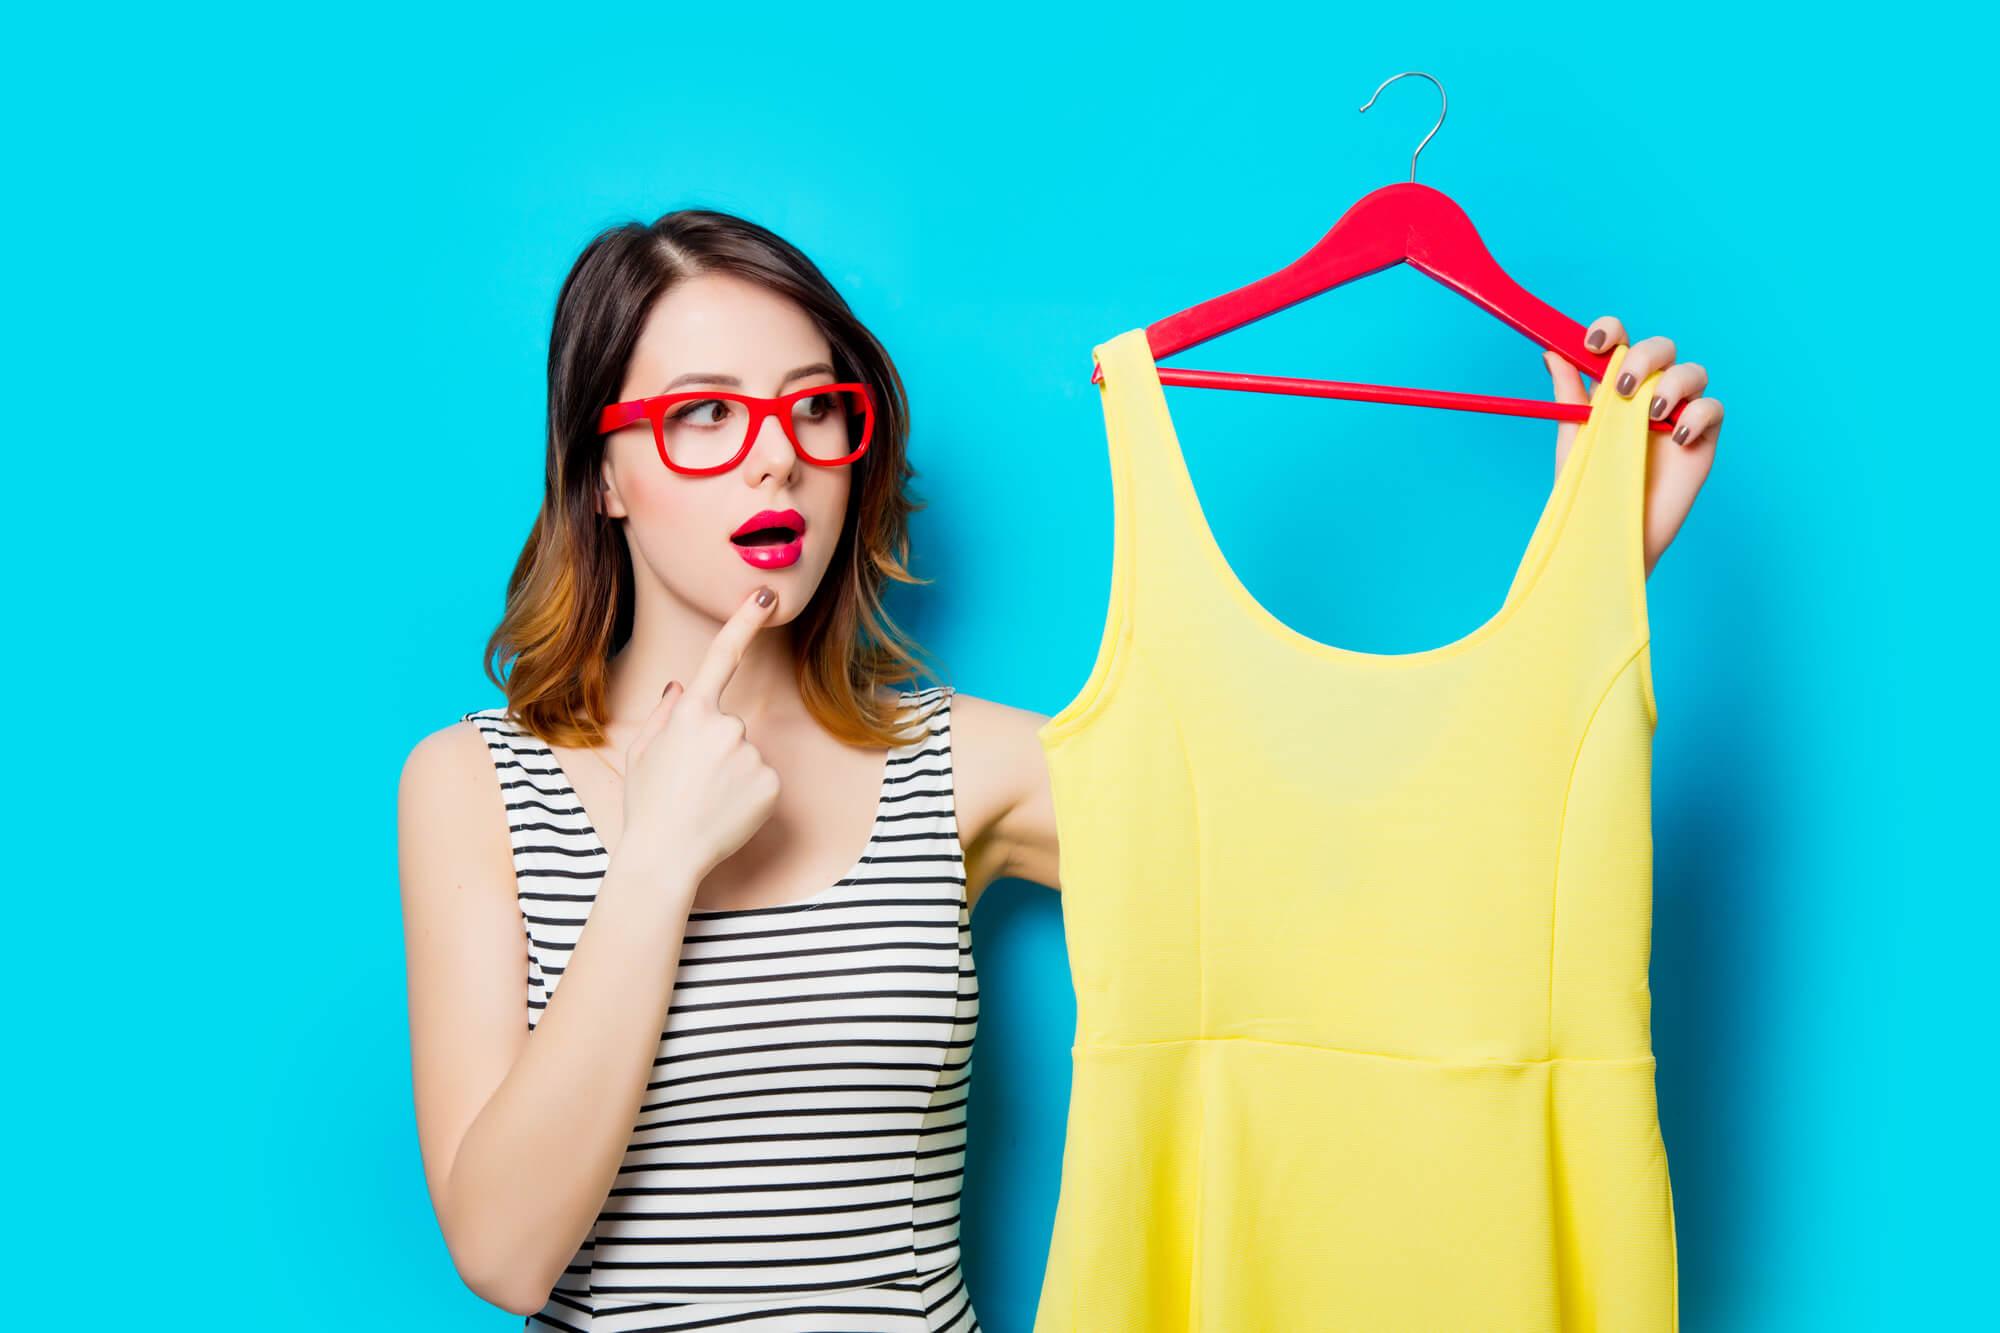 """ワガママを叶える""""レンタルドレス""""の人気カラーからコーディネートまで、まとめてご紹介。"""